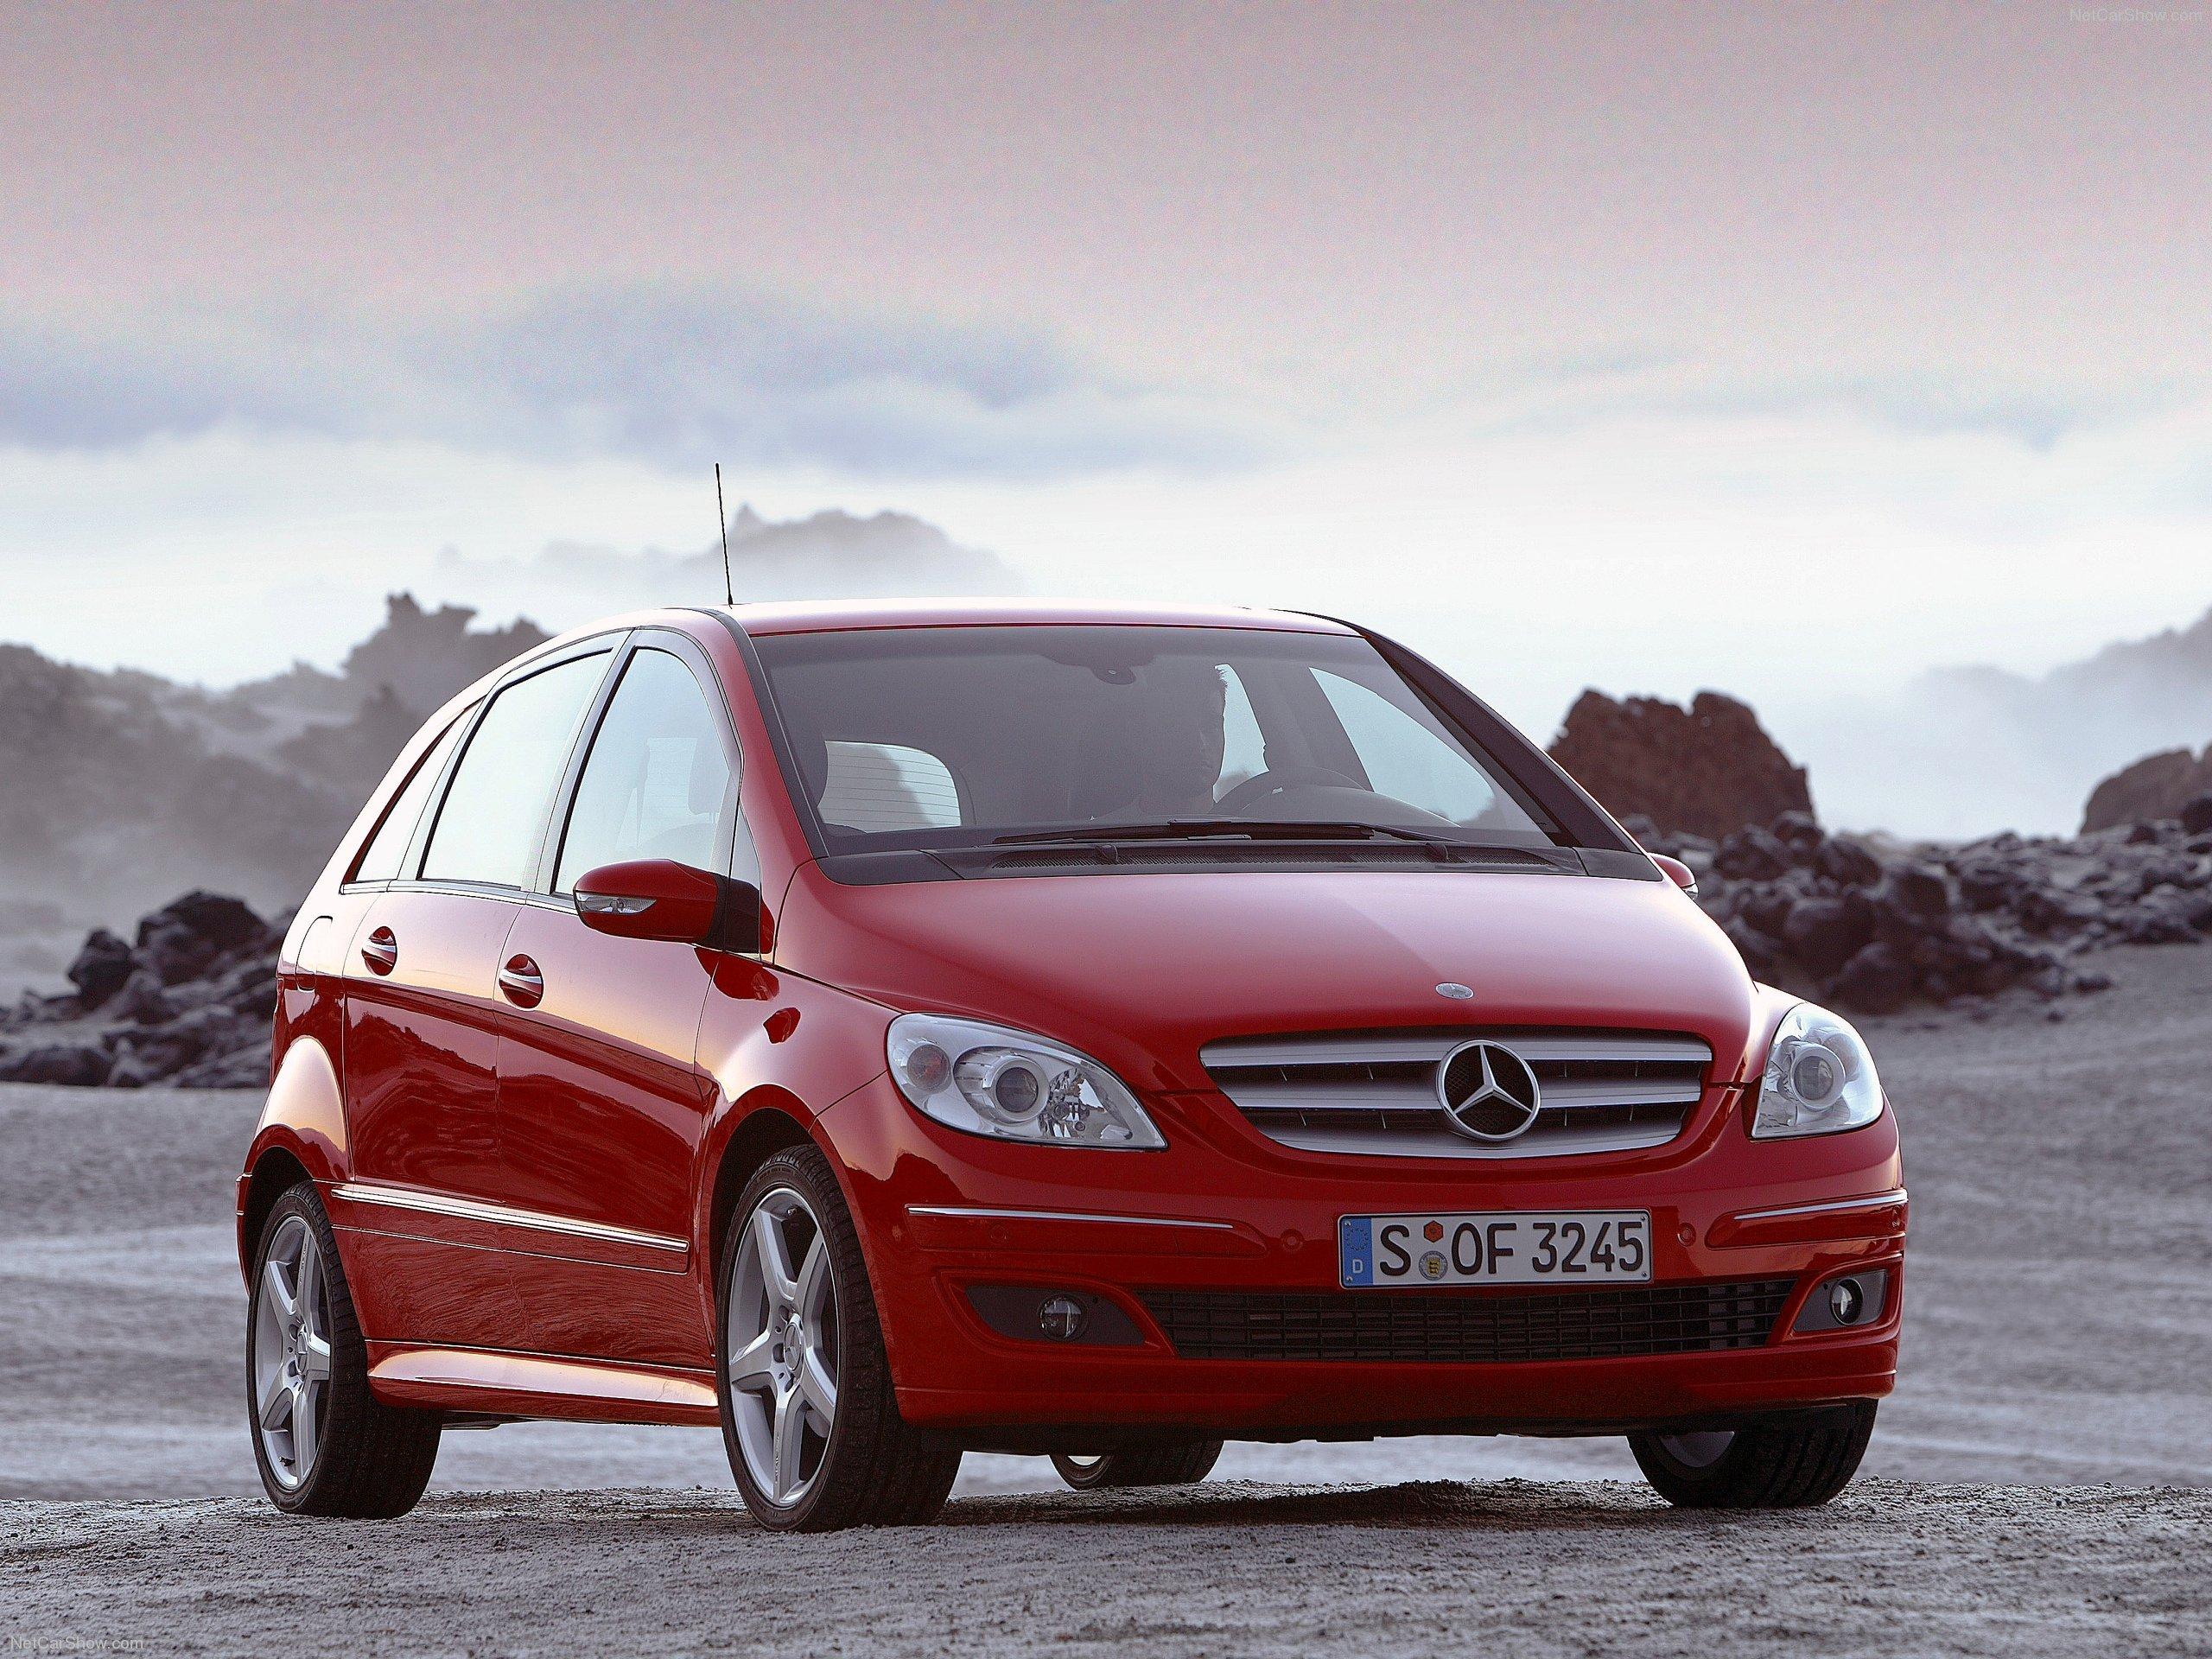 尺寸上明显要小于2011年版的b级车 最新曝光 奔驰201 高清图片